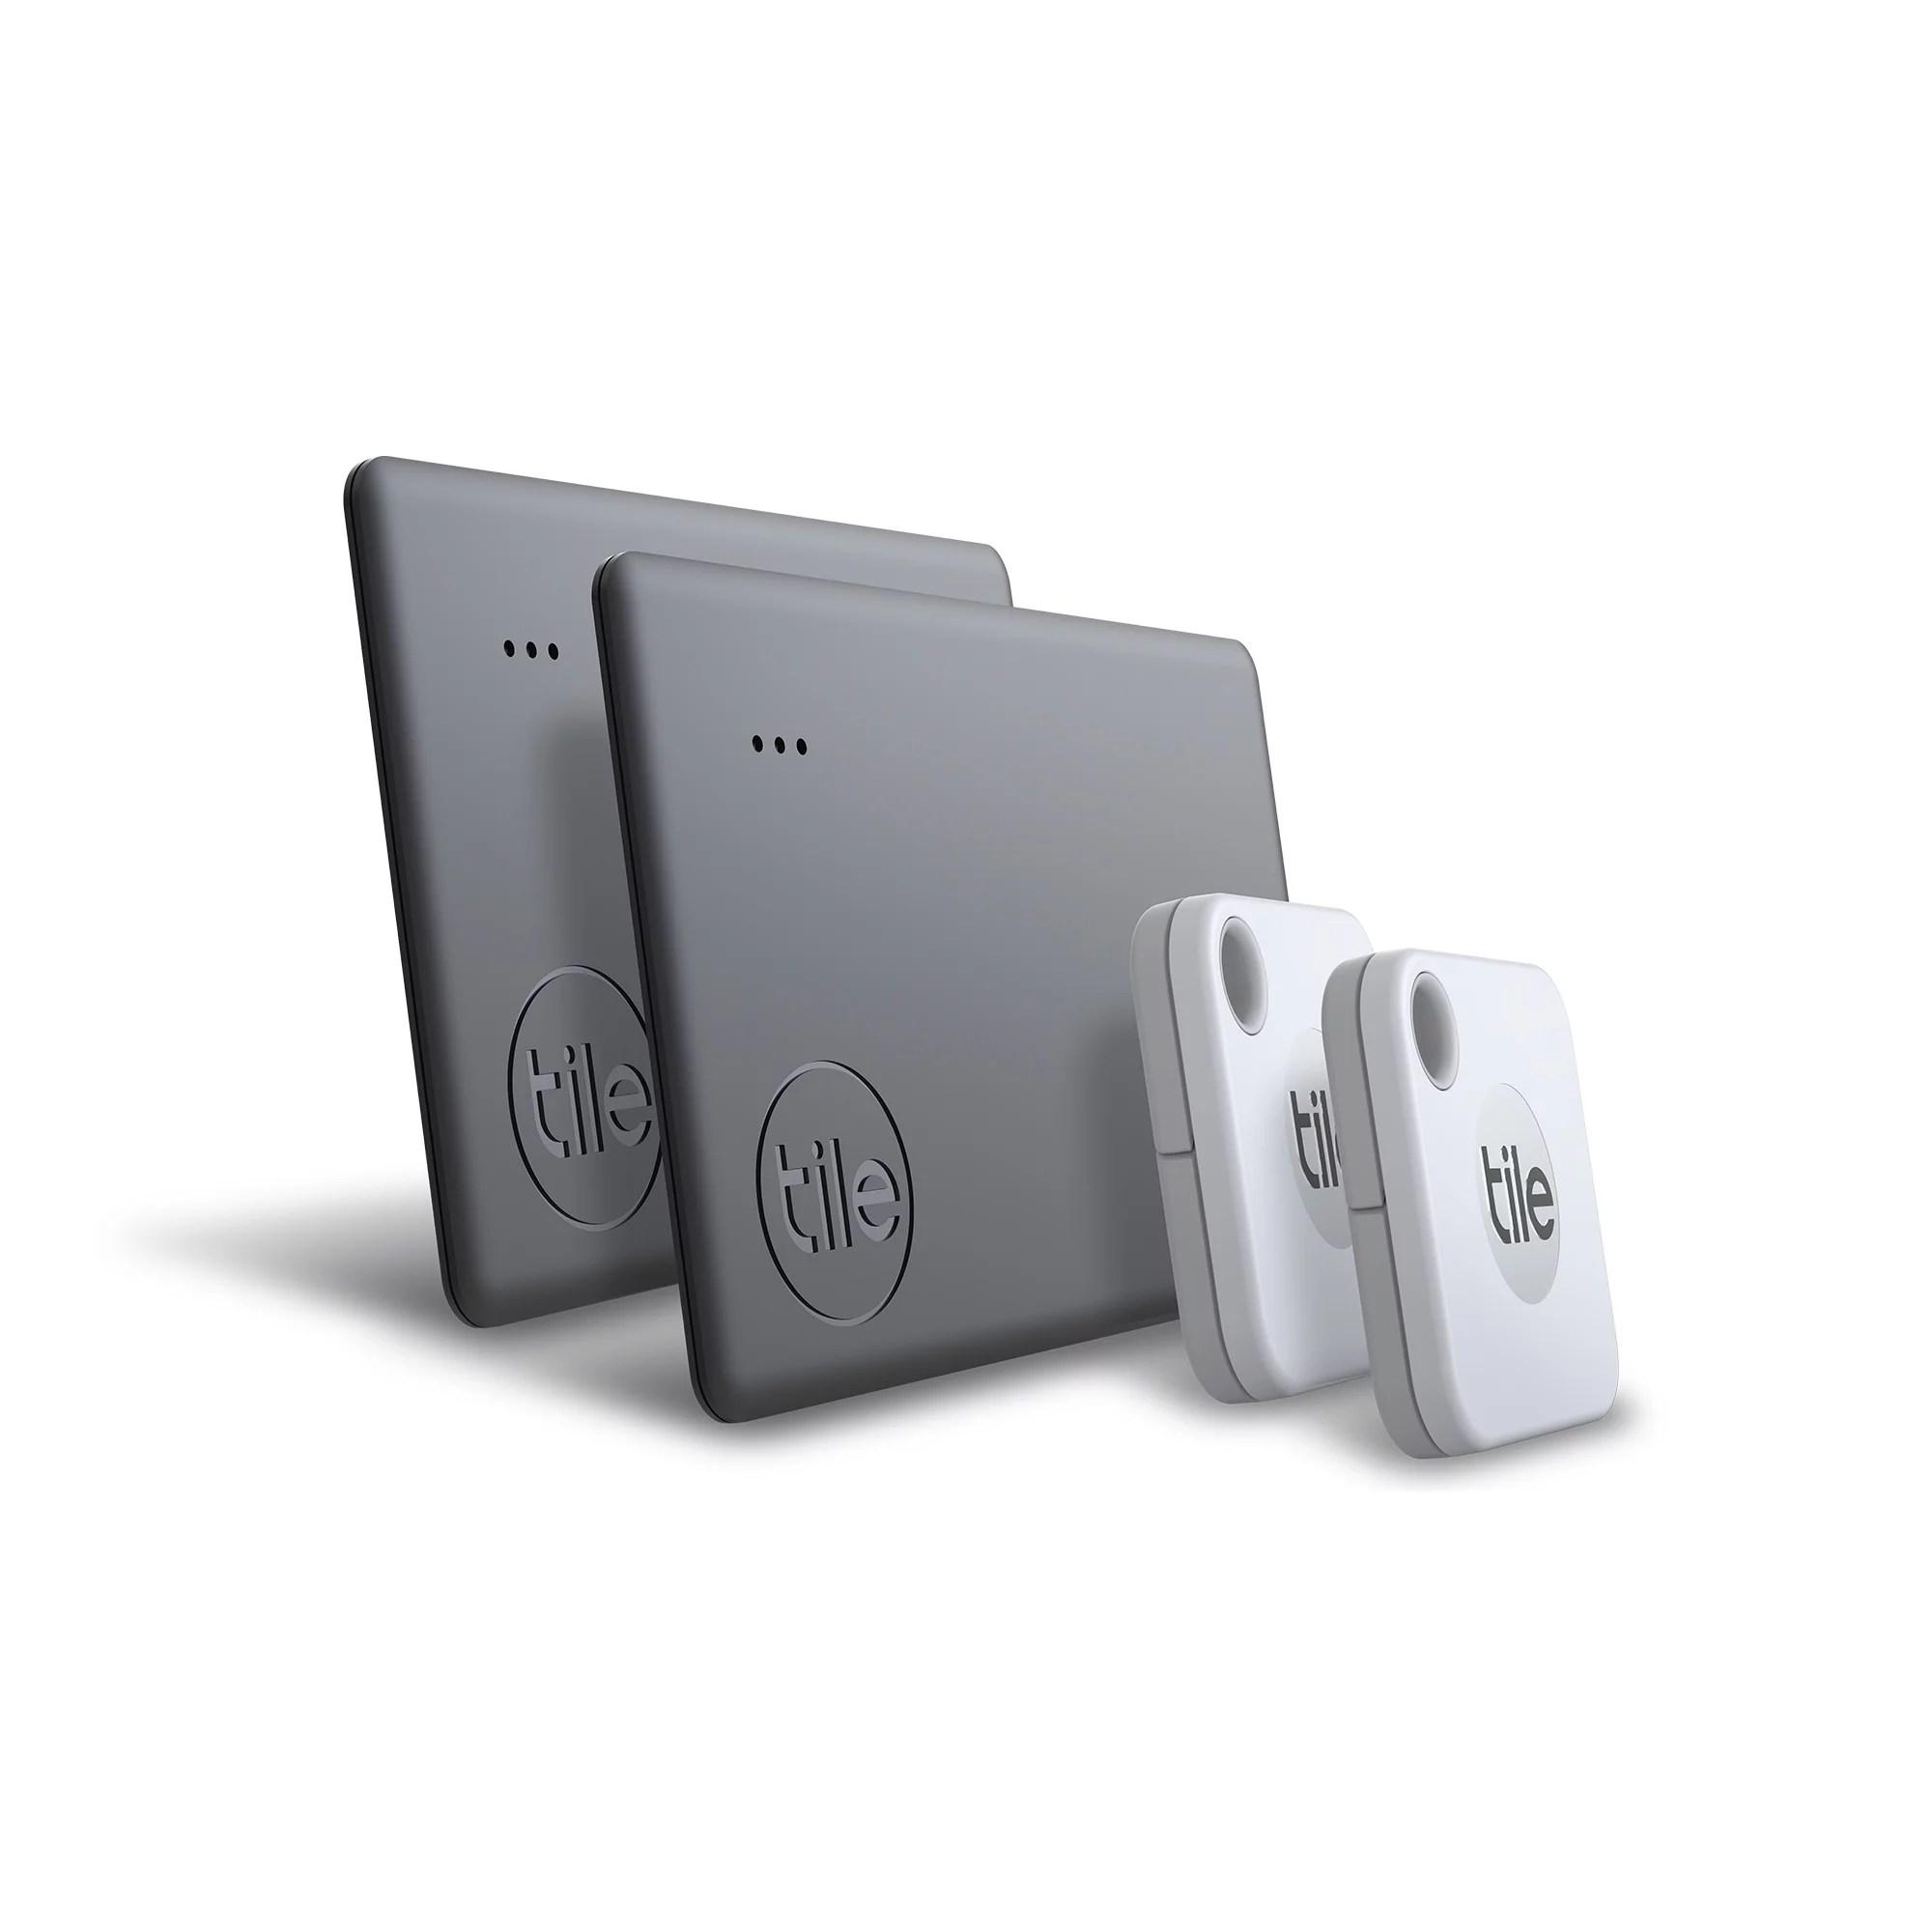 tile re 19004 mate 2020 item tracker 4 pack white gray